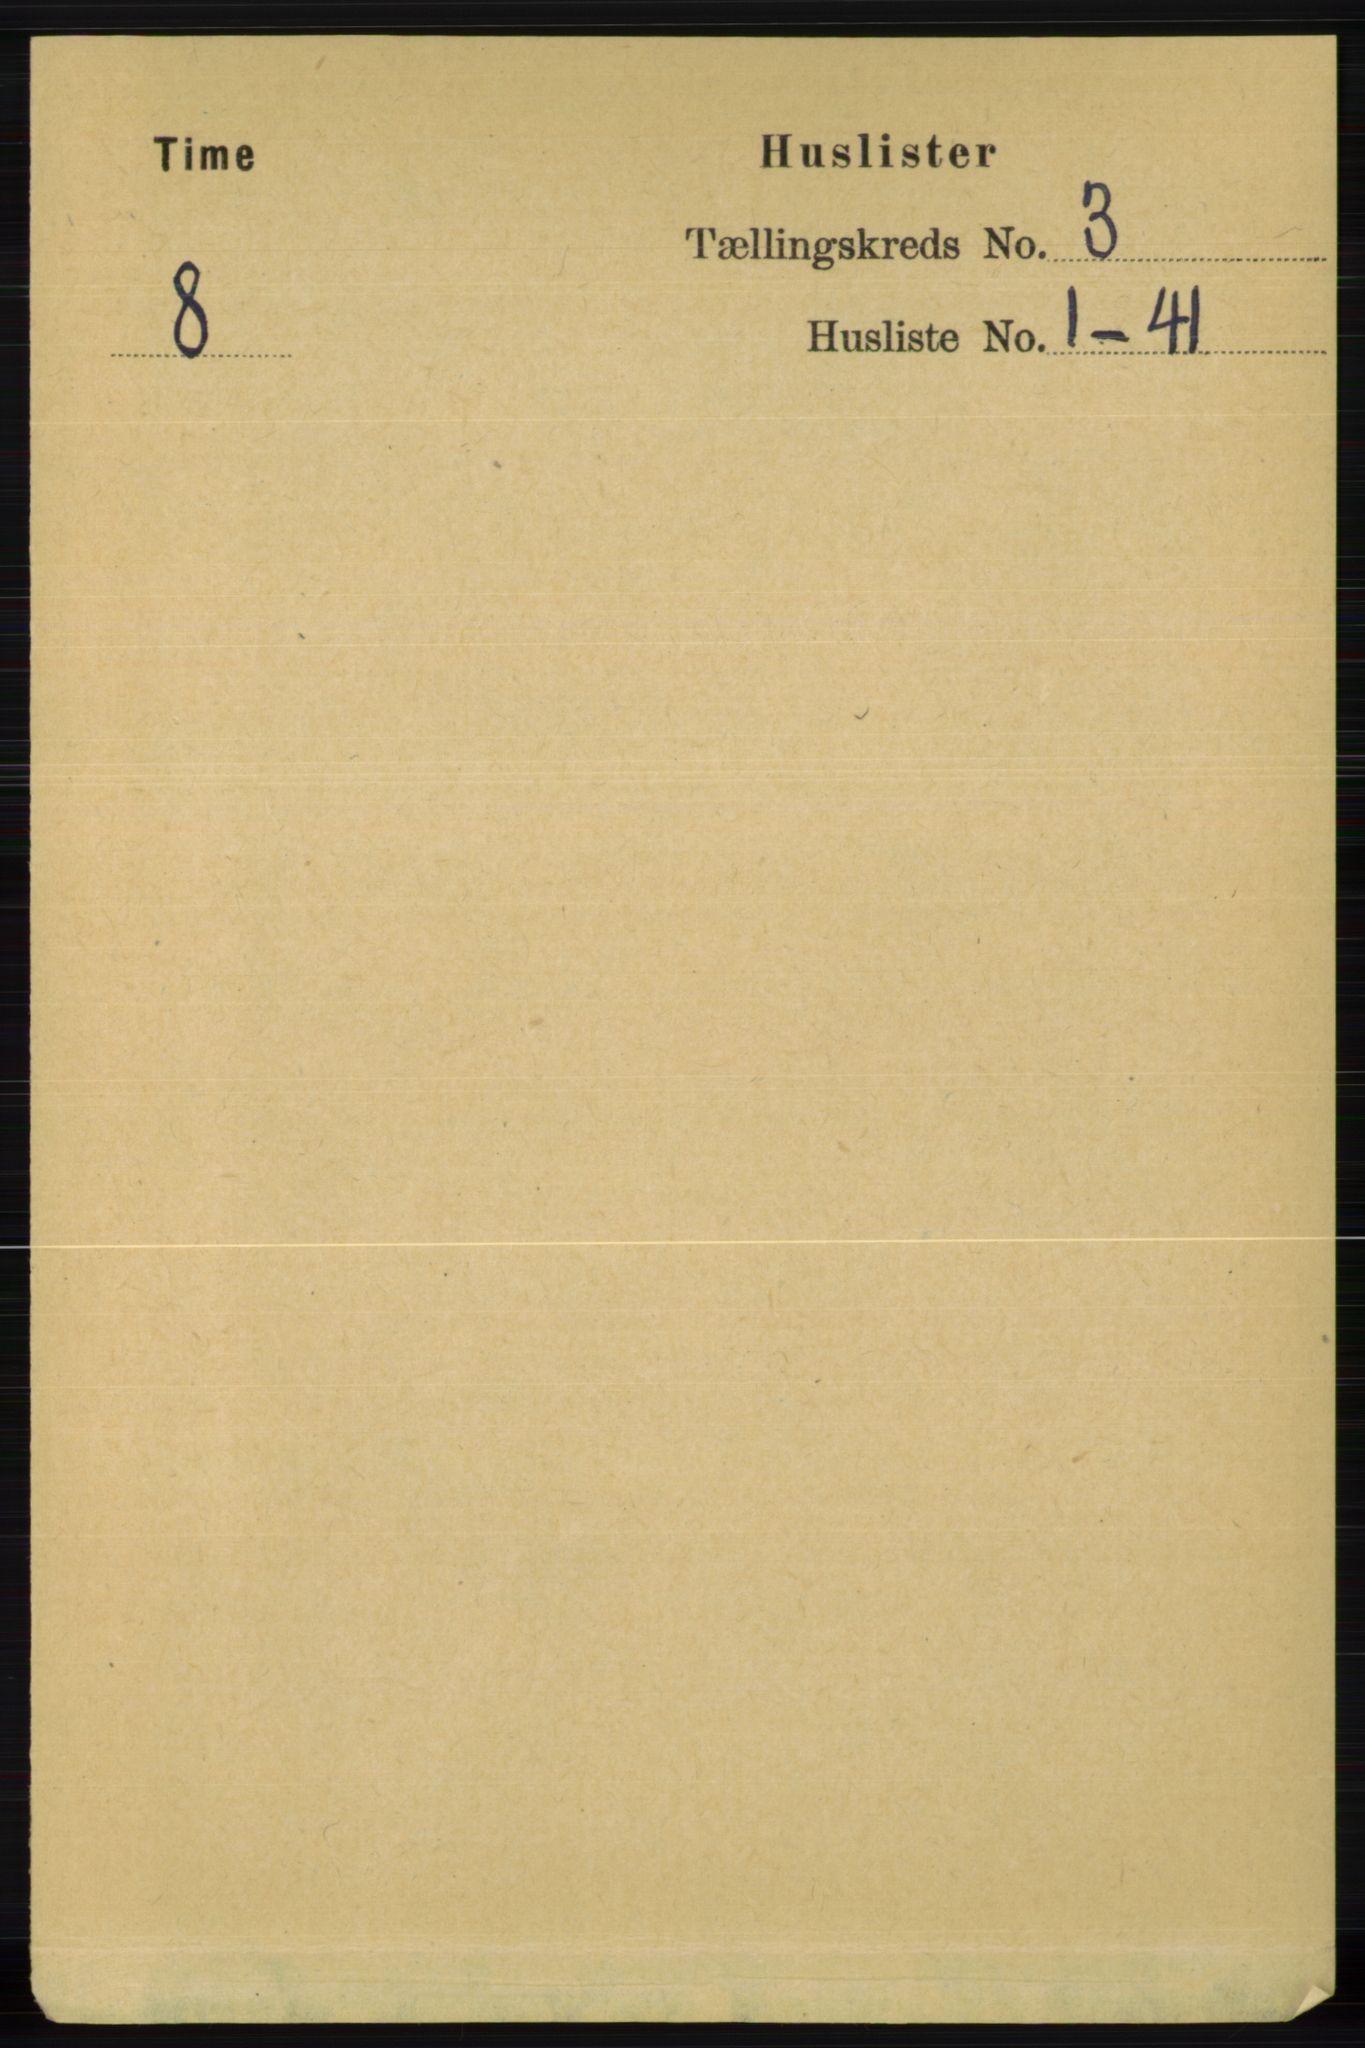 RA, Folketelling 1891 for 1121 Time herred, 1891, s. 994